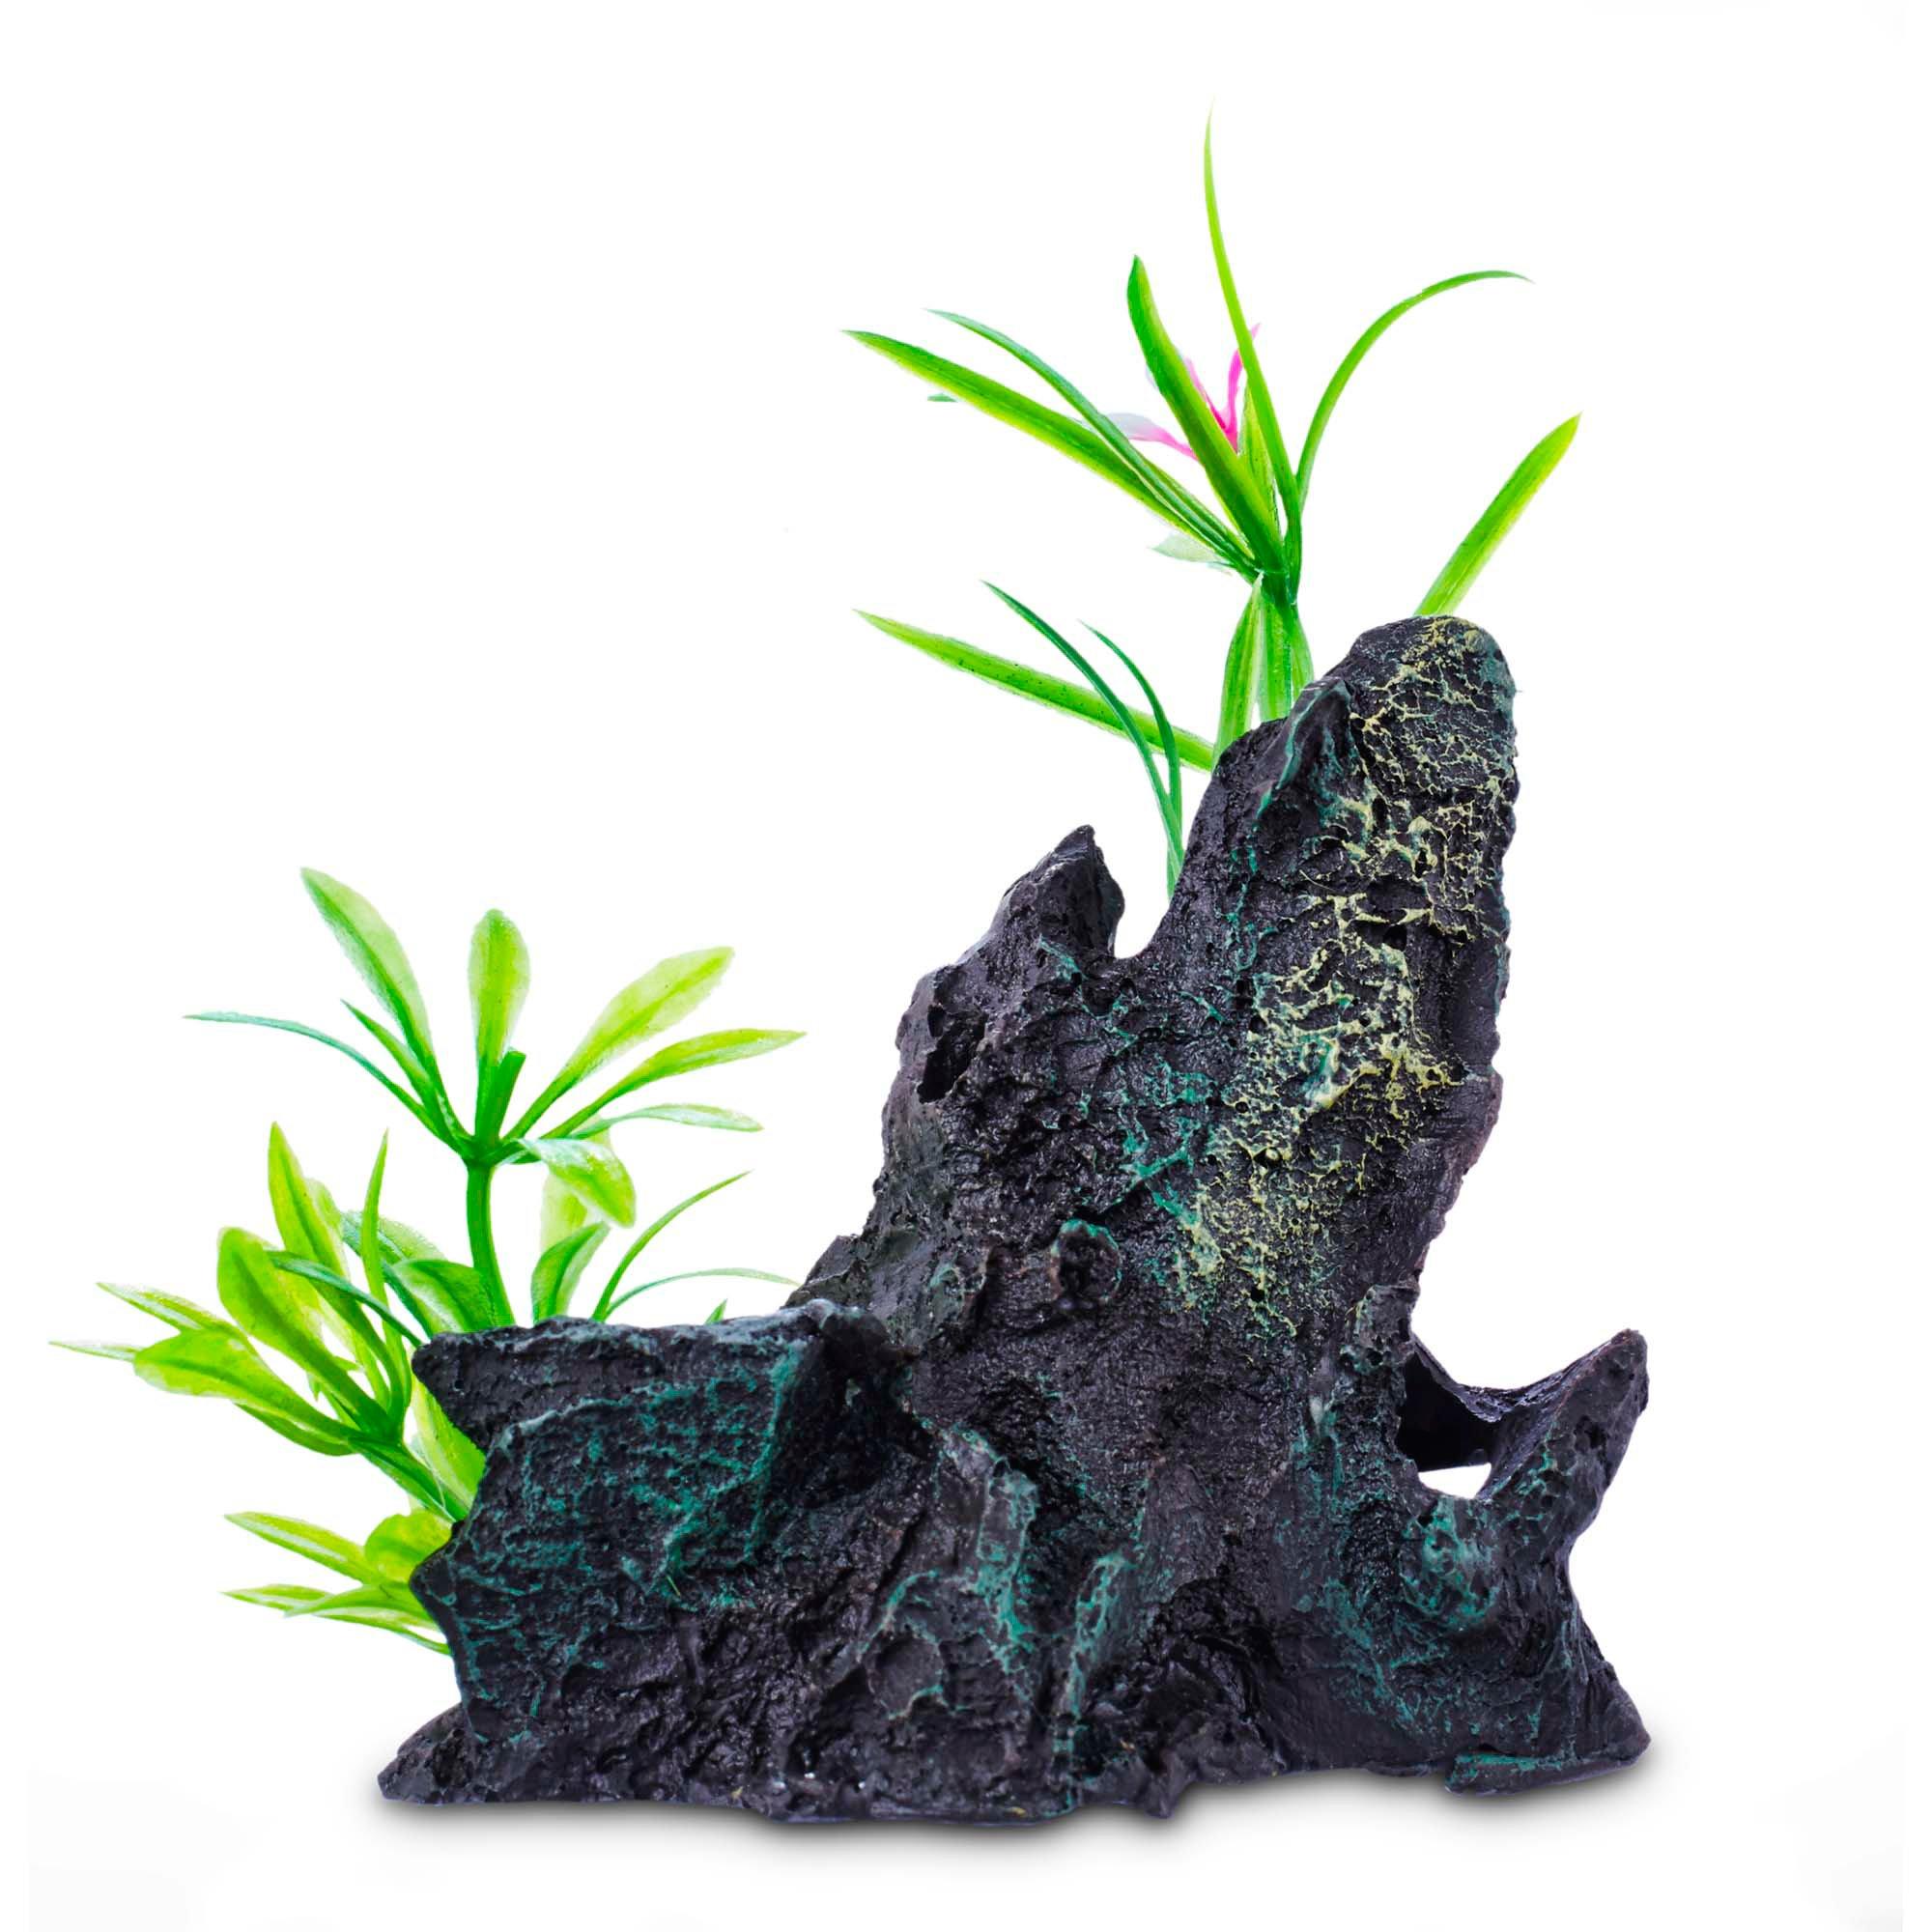 Imagitarium assorted rock garden aquatic decor petco for Petco fish tank decor